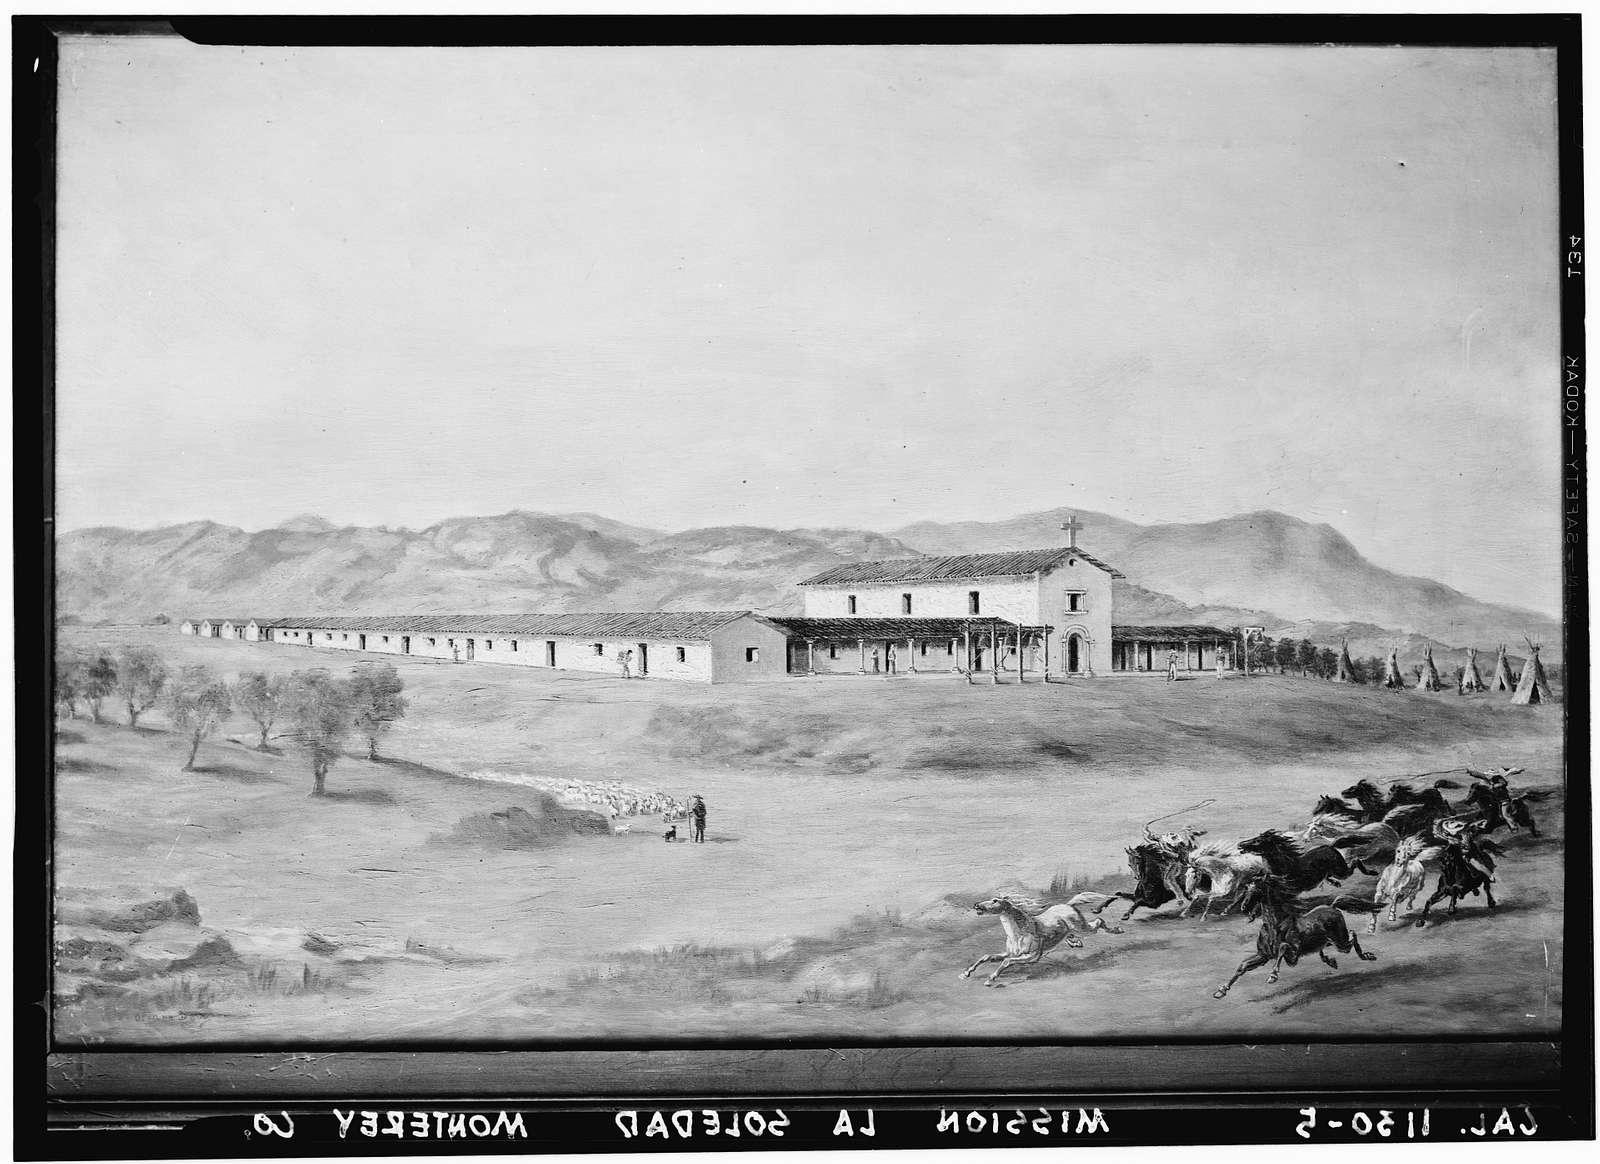 Mission Nuestra Senora de la Soledad, Soledad, Monterey County, CA